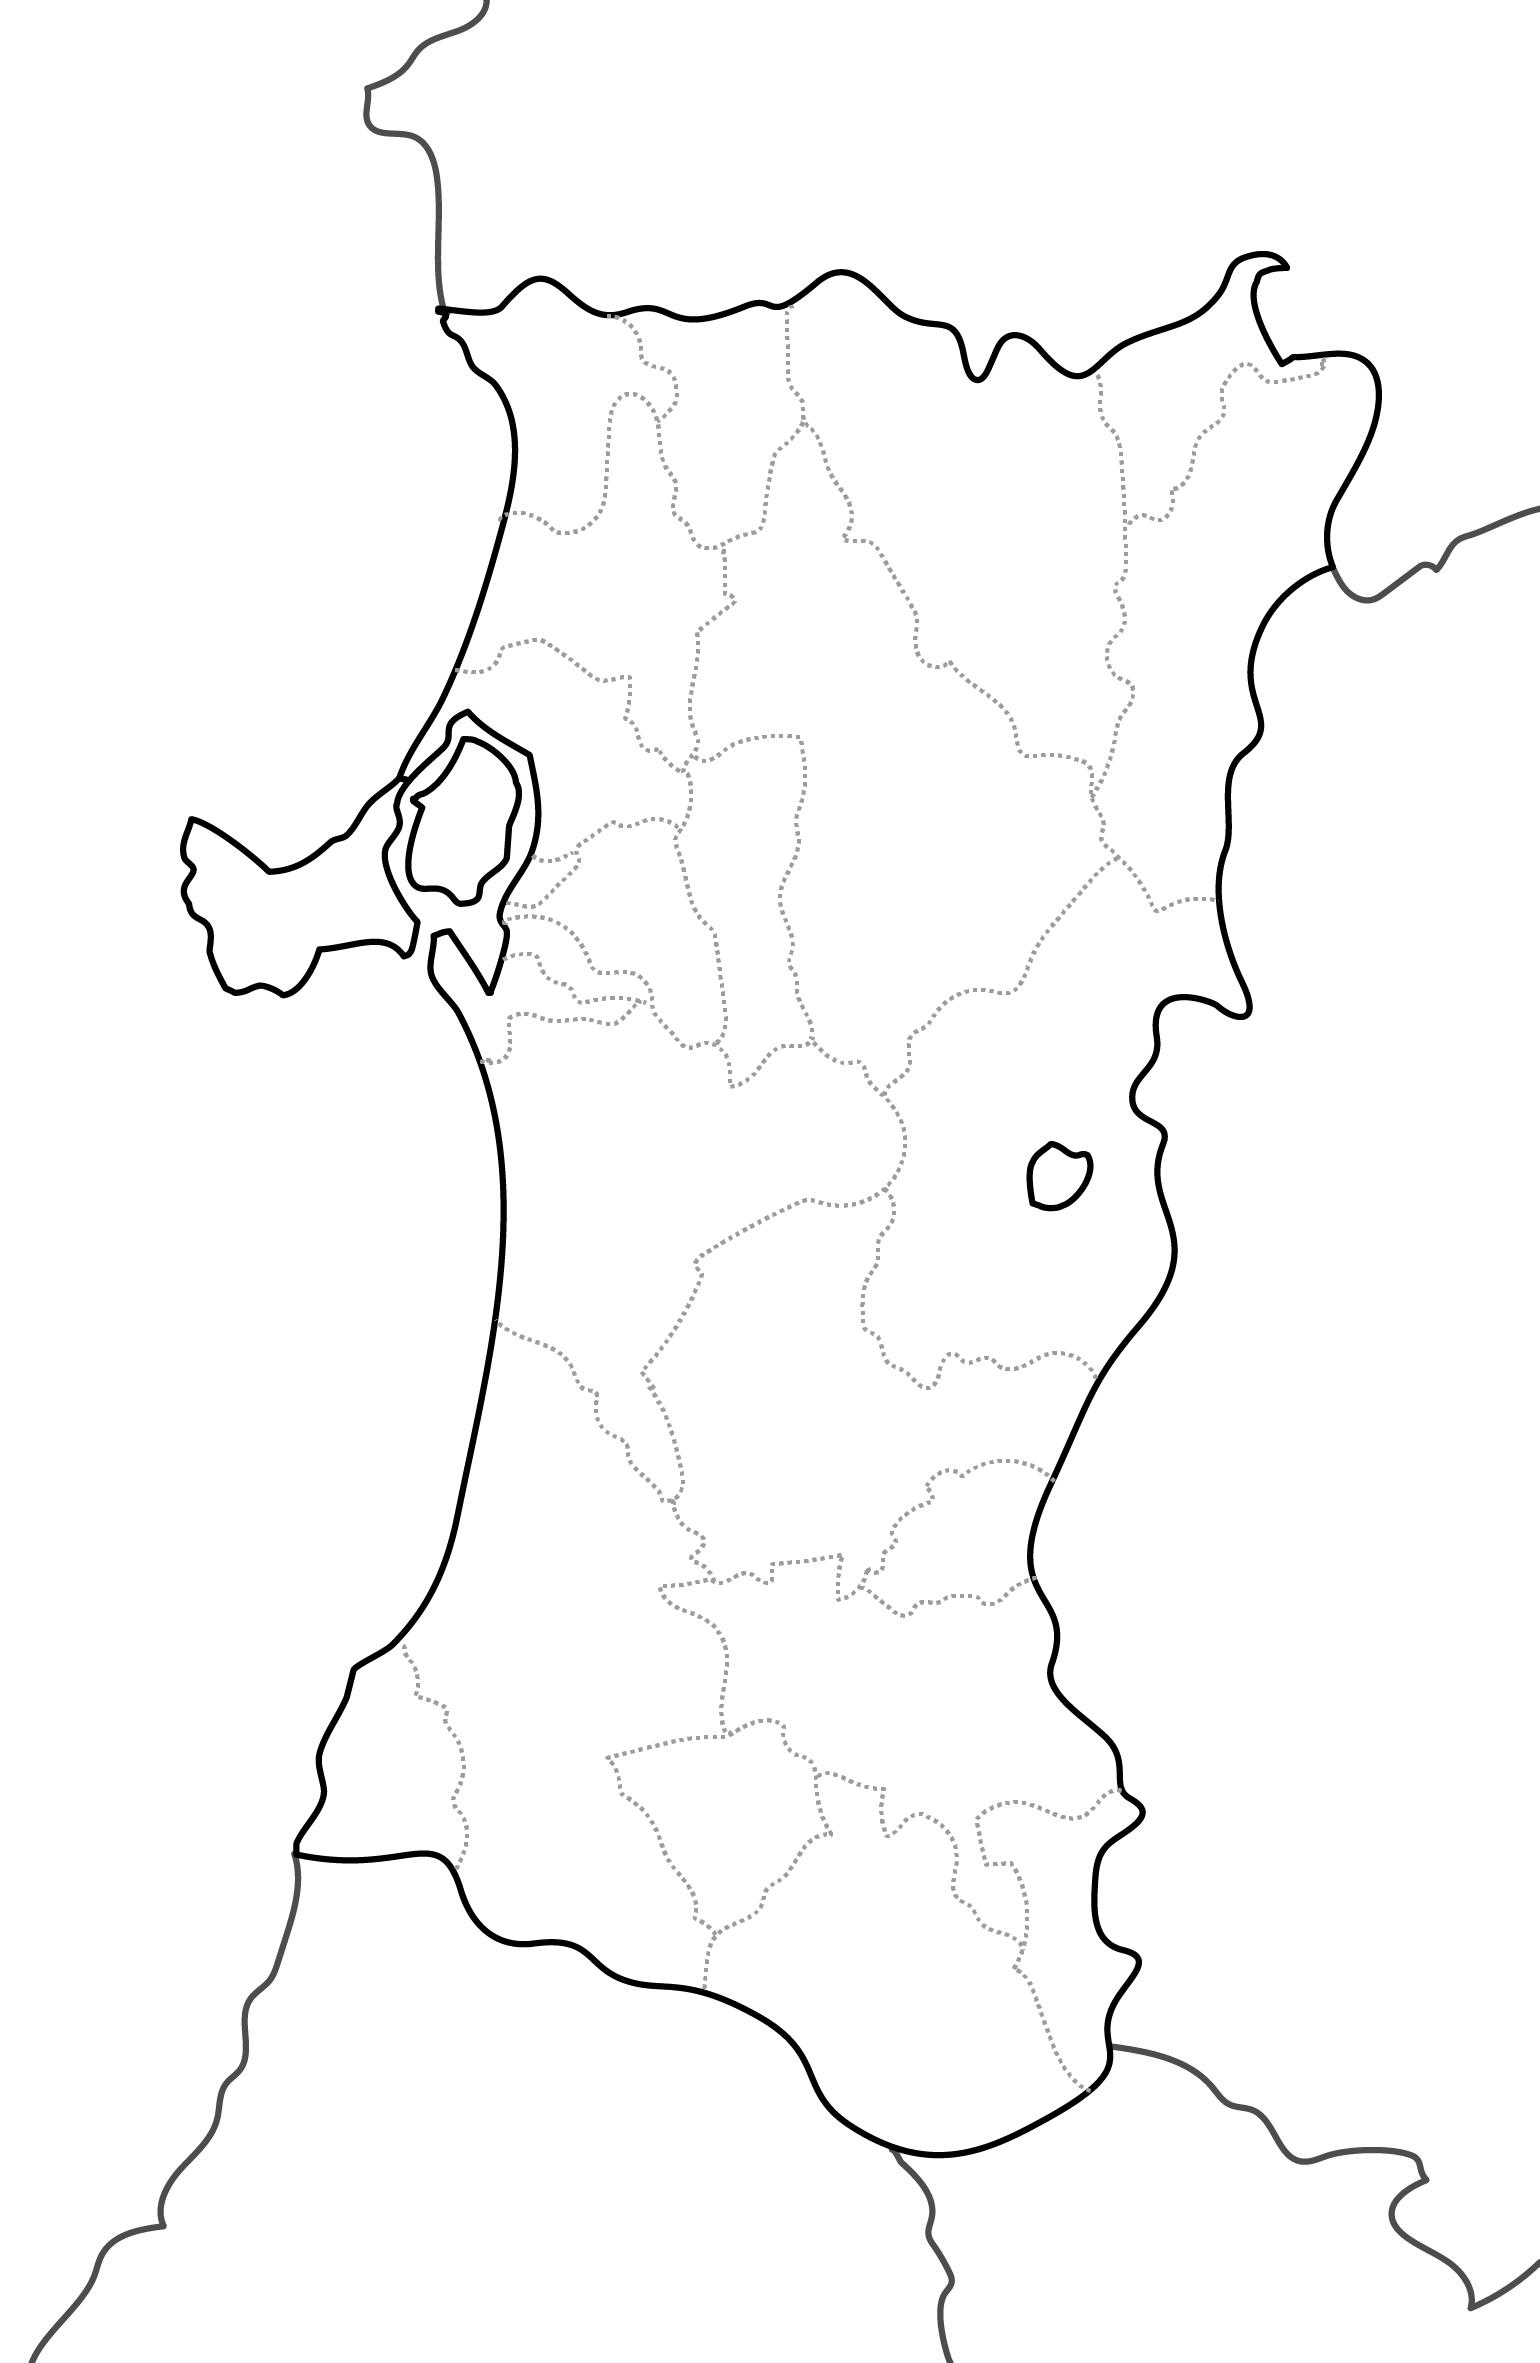 [白地図]秋田県・ラインあり・市区町村名なし・隣県なし